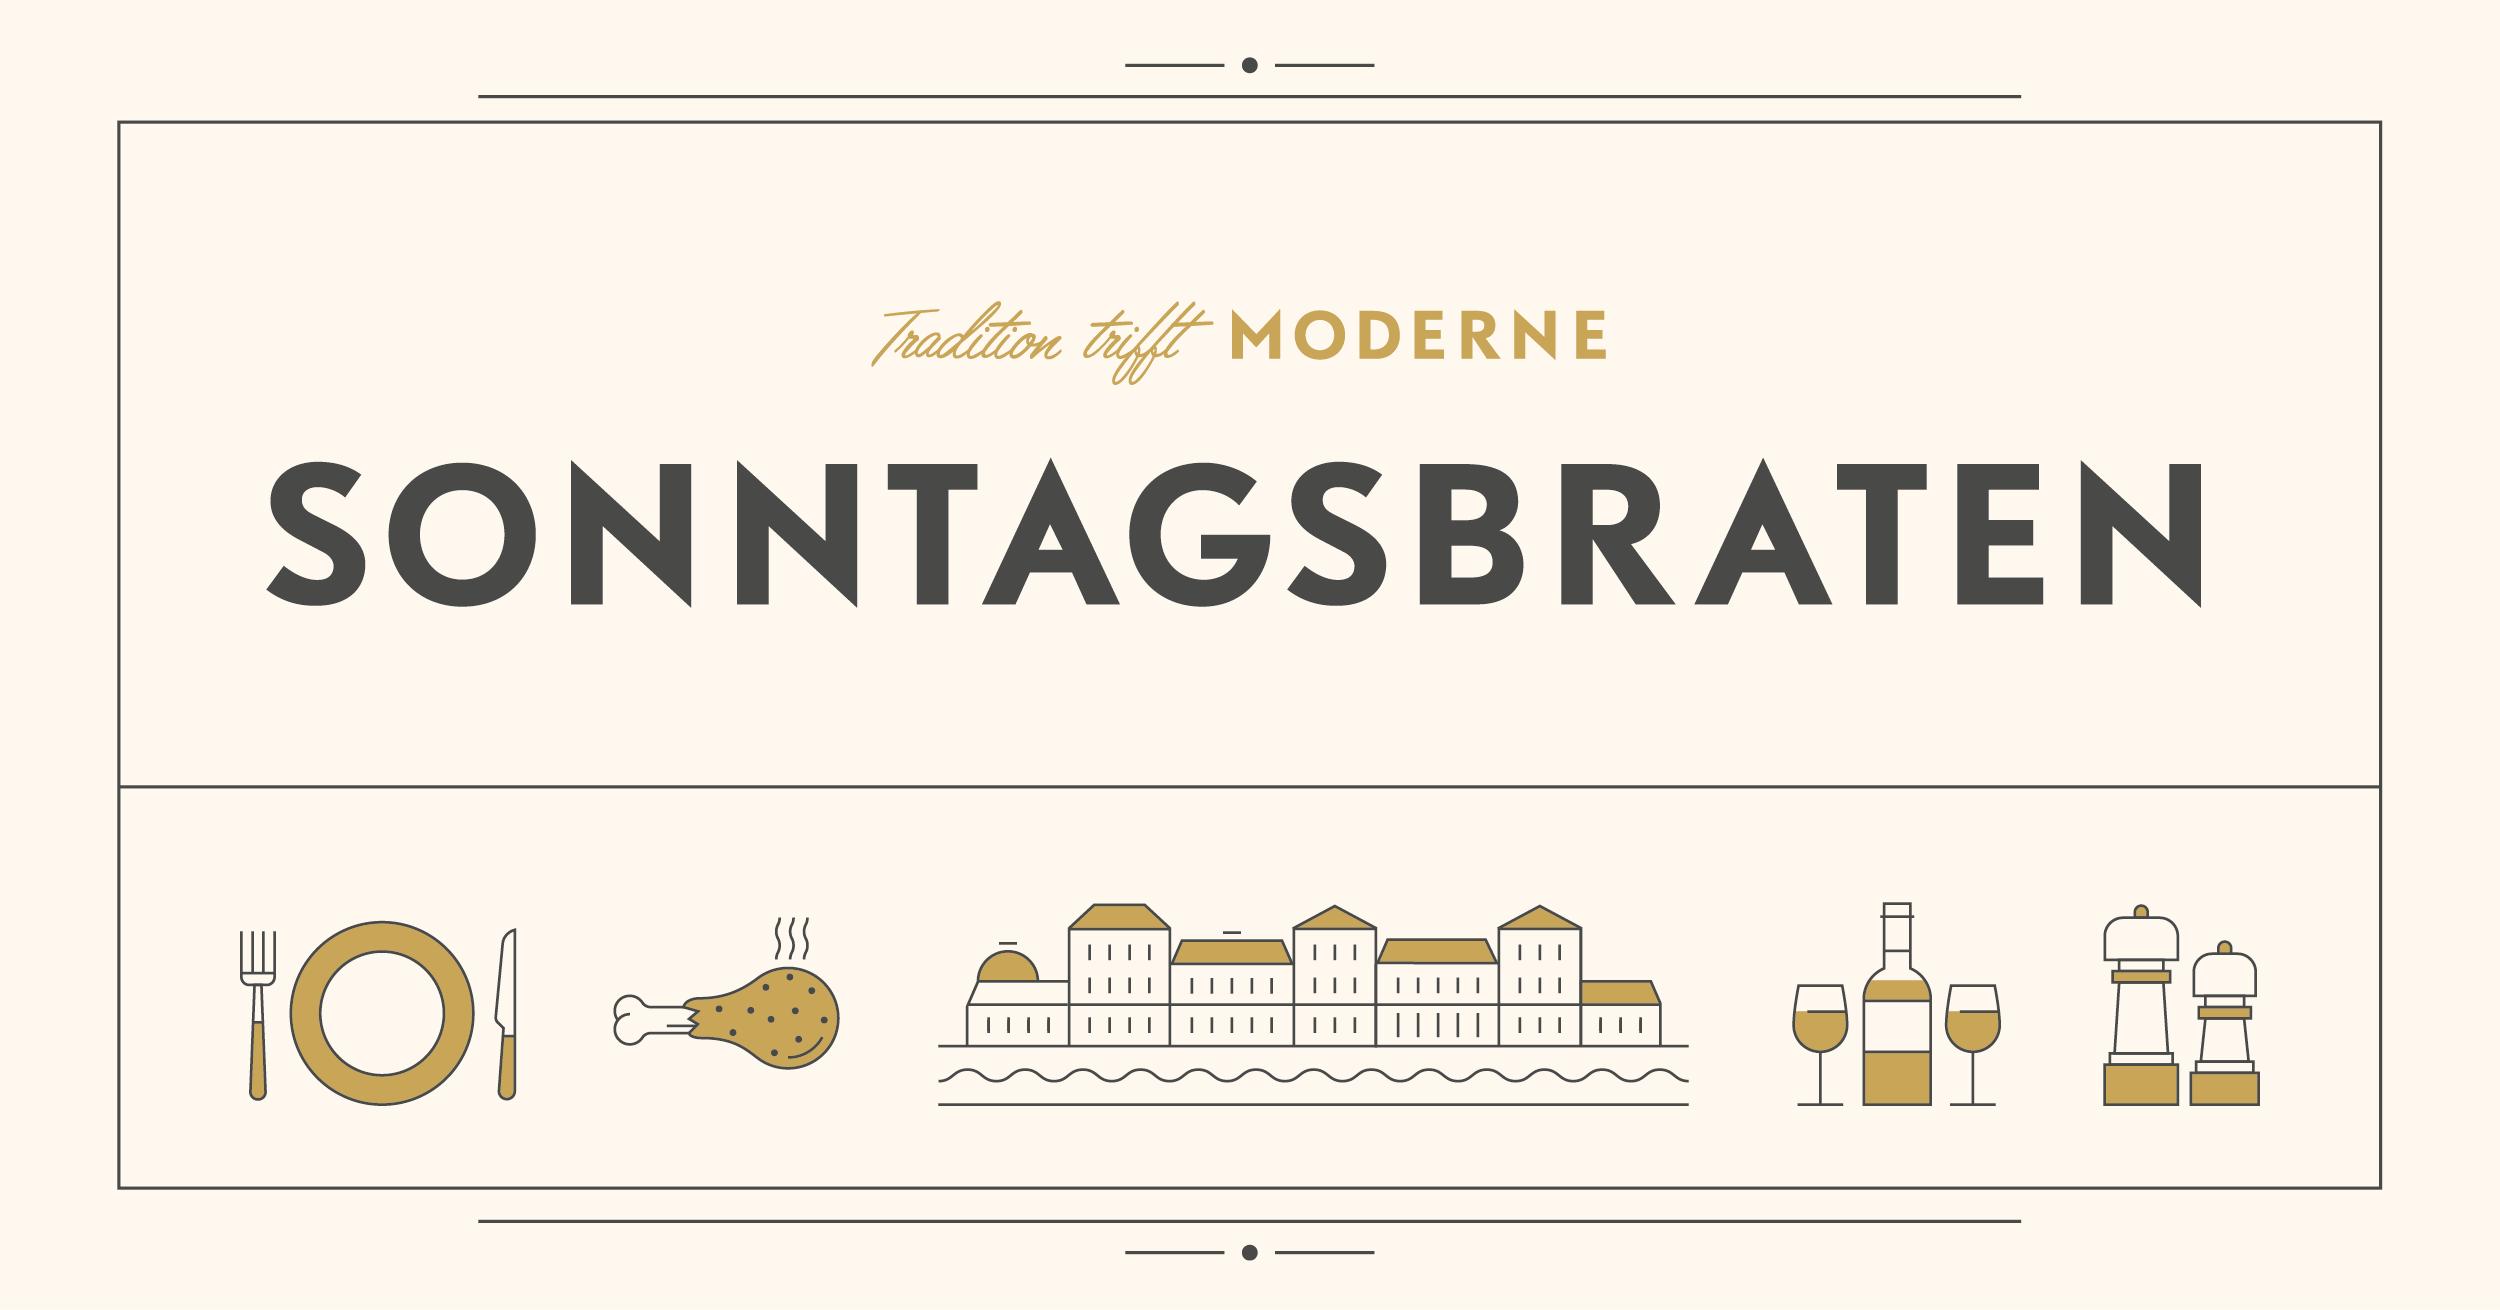 VUZ_Facebook_Veranstaltung_Sonntagsbraten.png